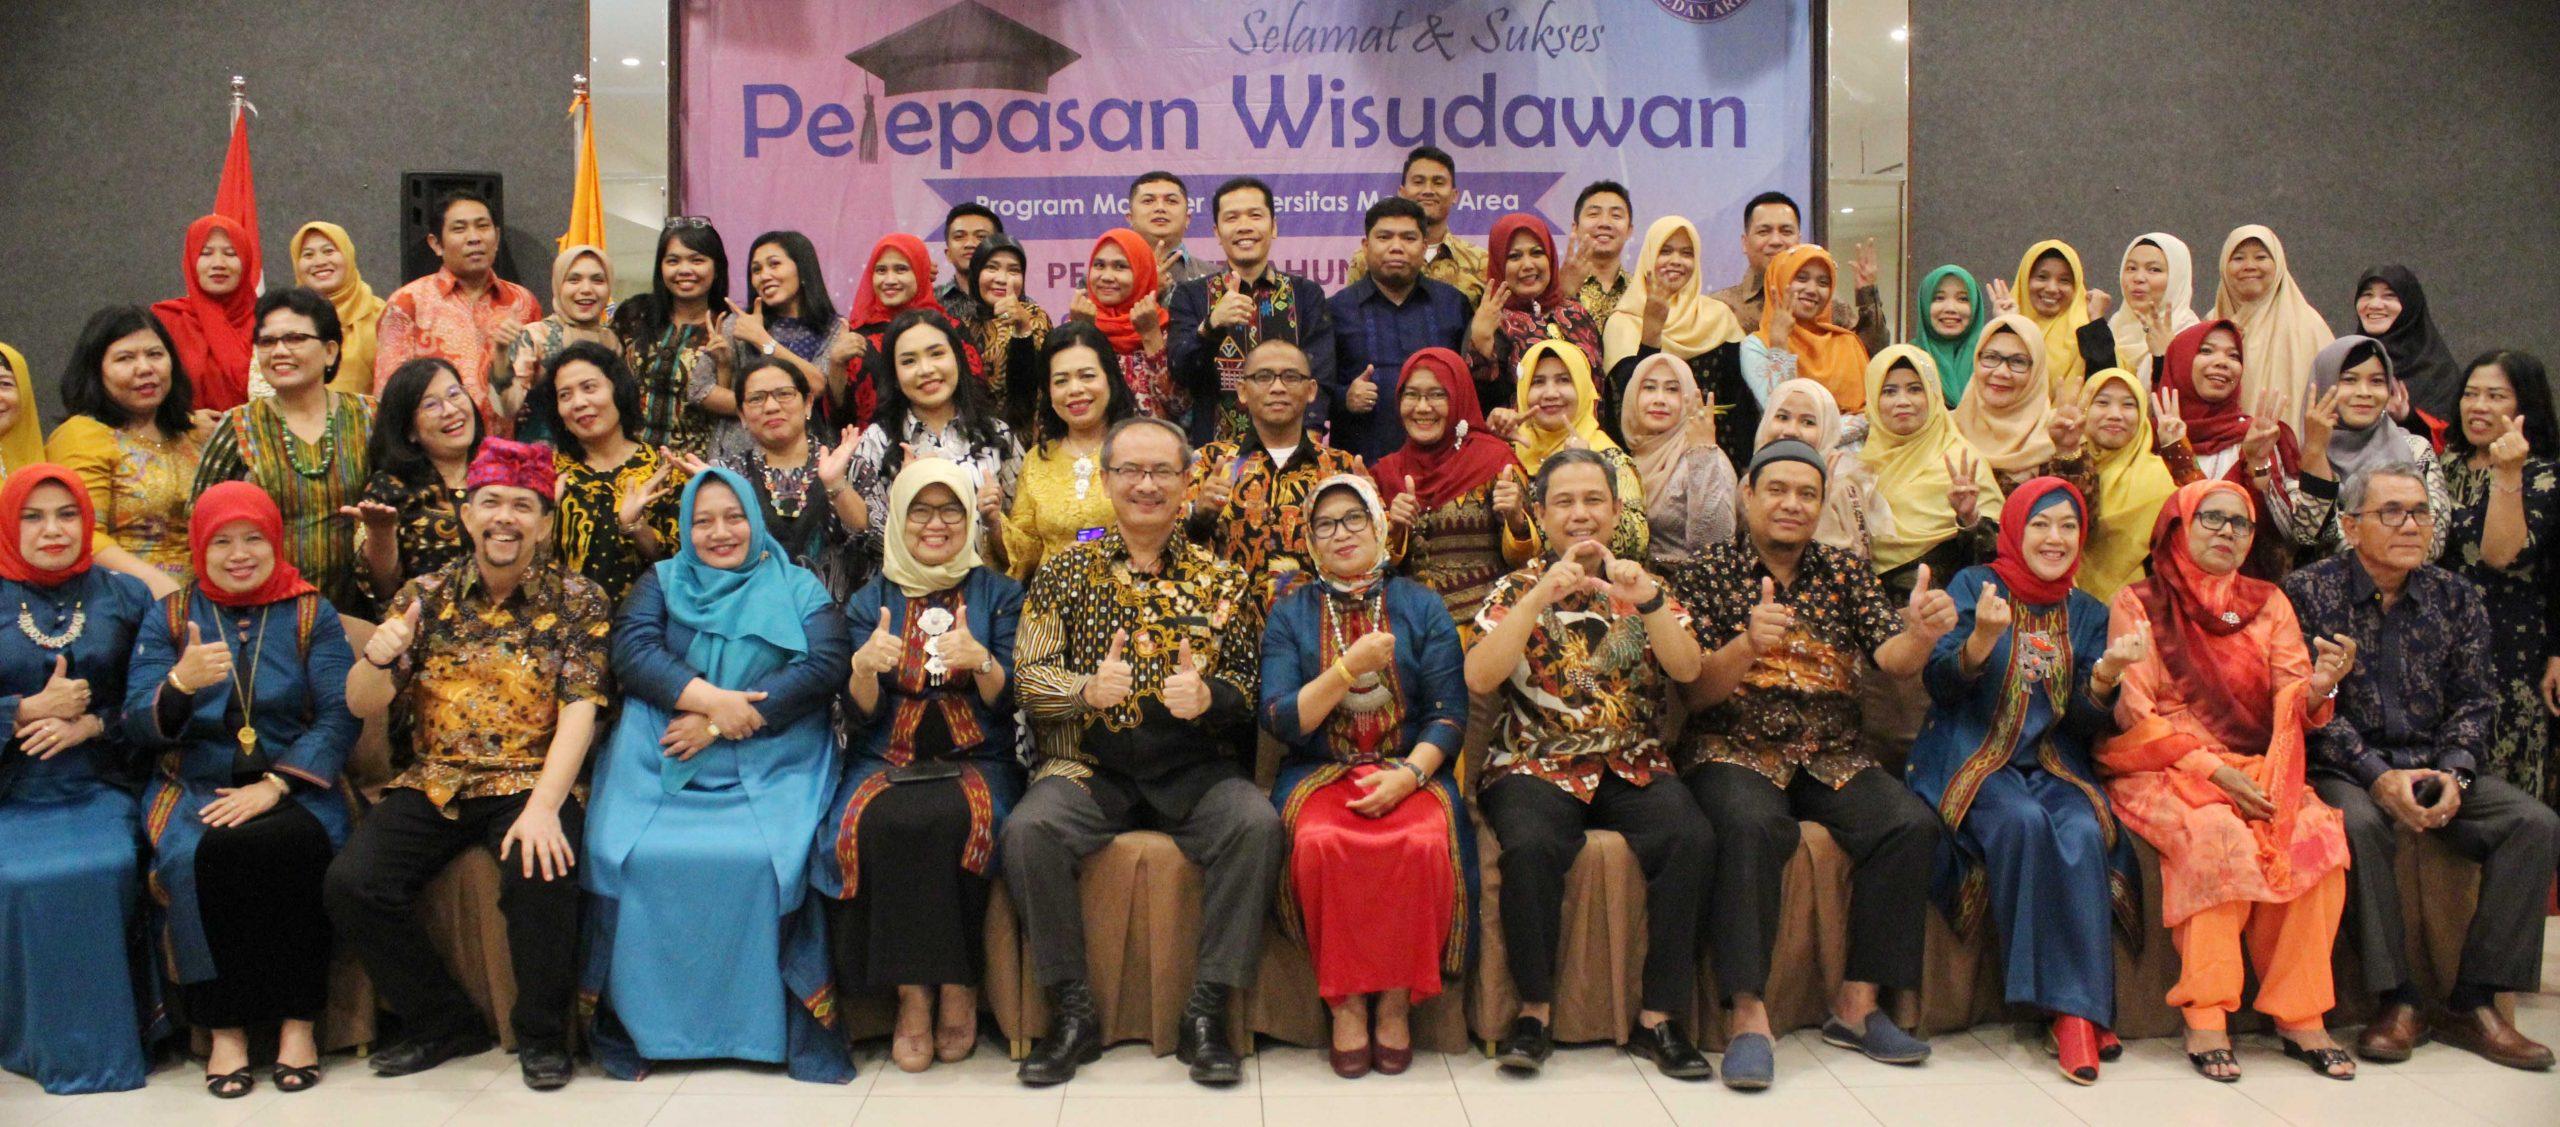 Pelepasan Wisudawan Program Magister Universitas Medan Area Periode II Tahun 2019